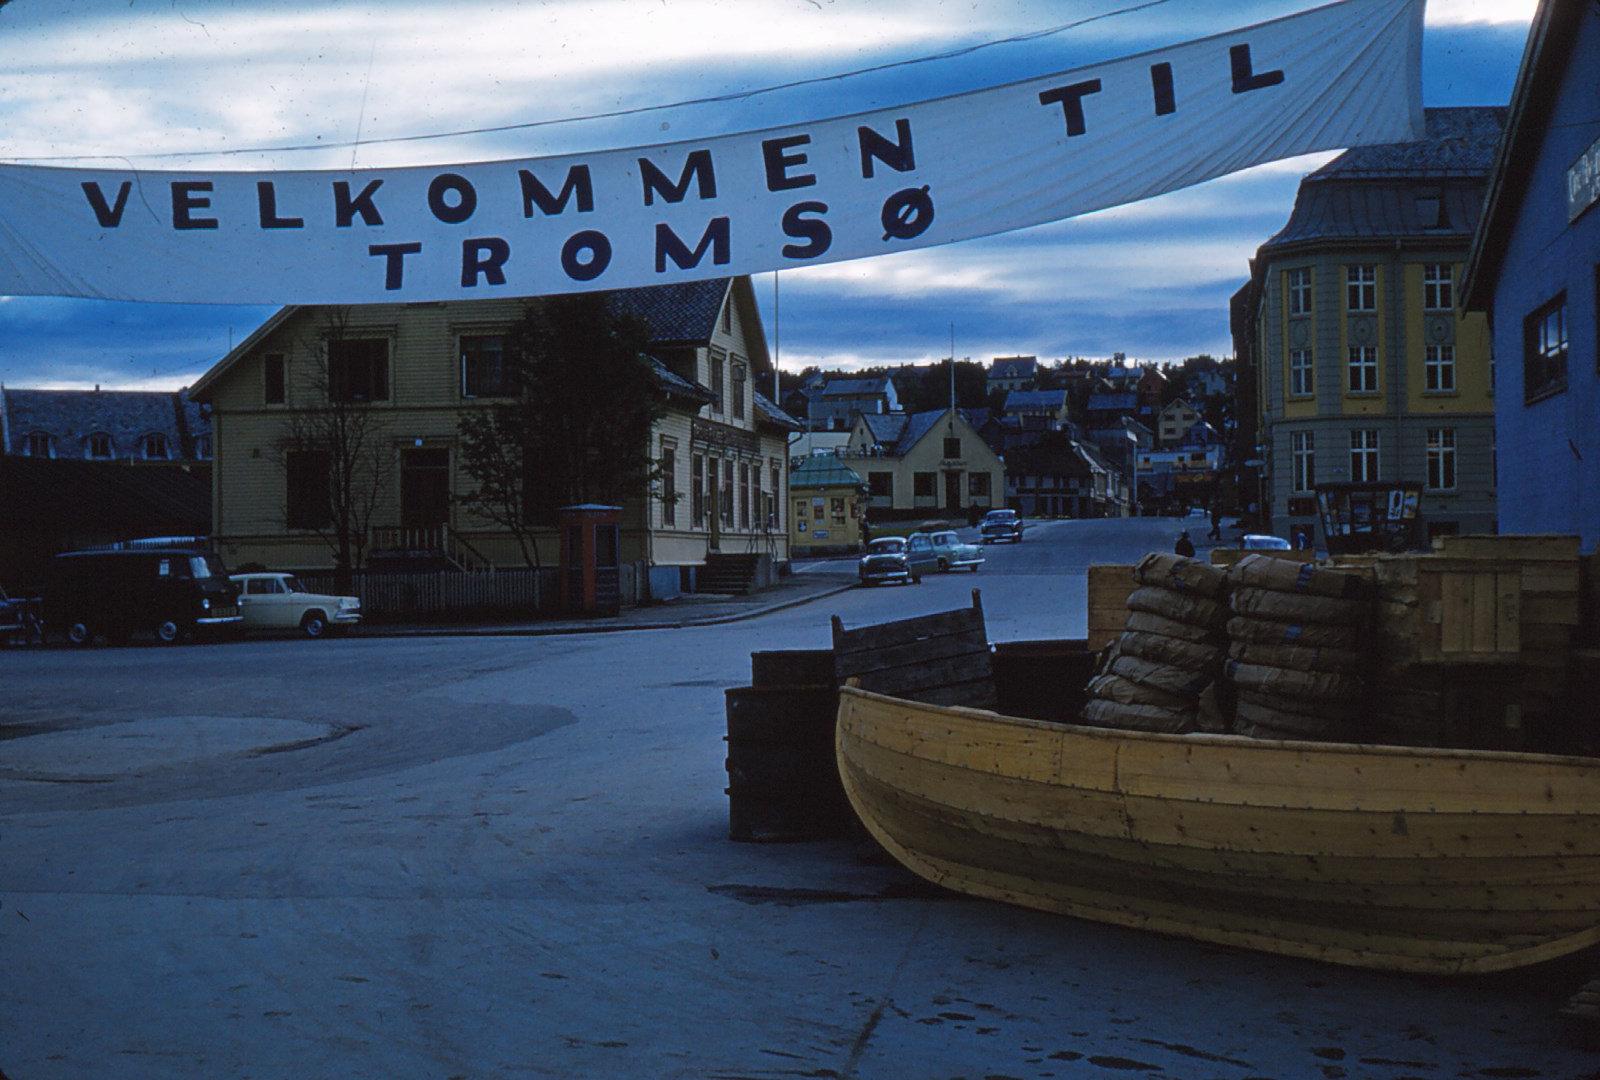 864 (12) Welkom in Tromsø